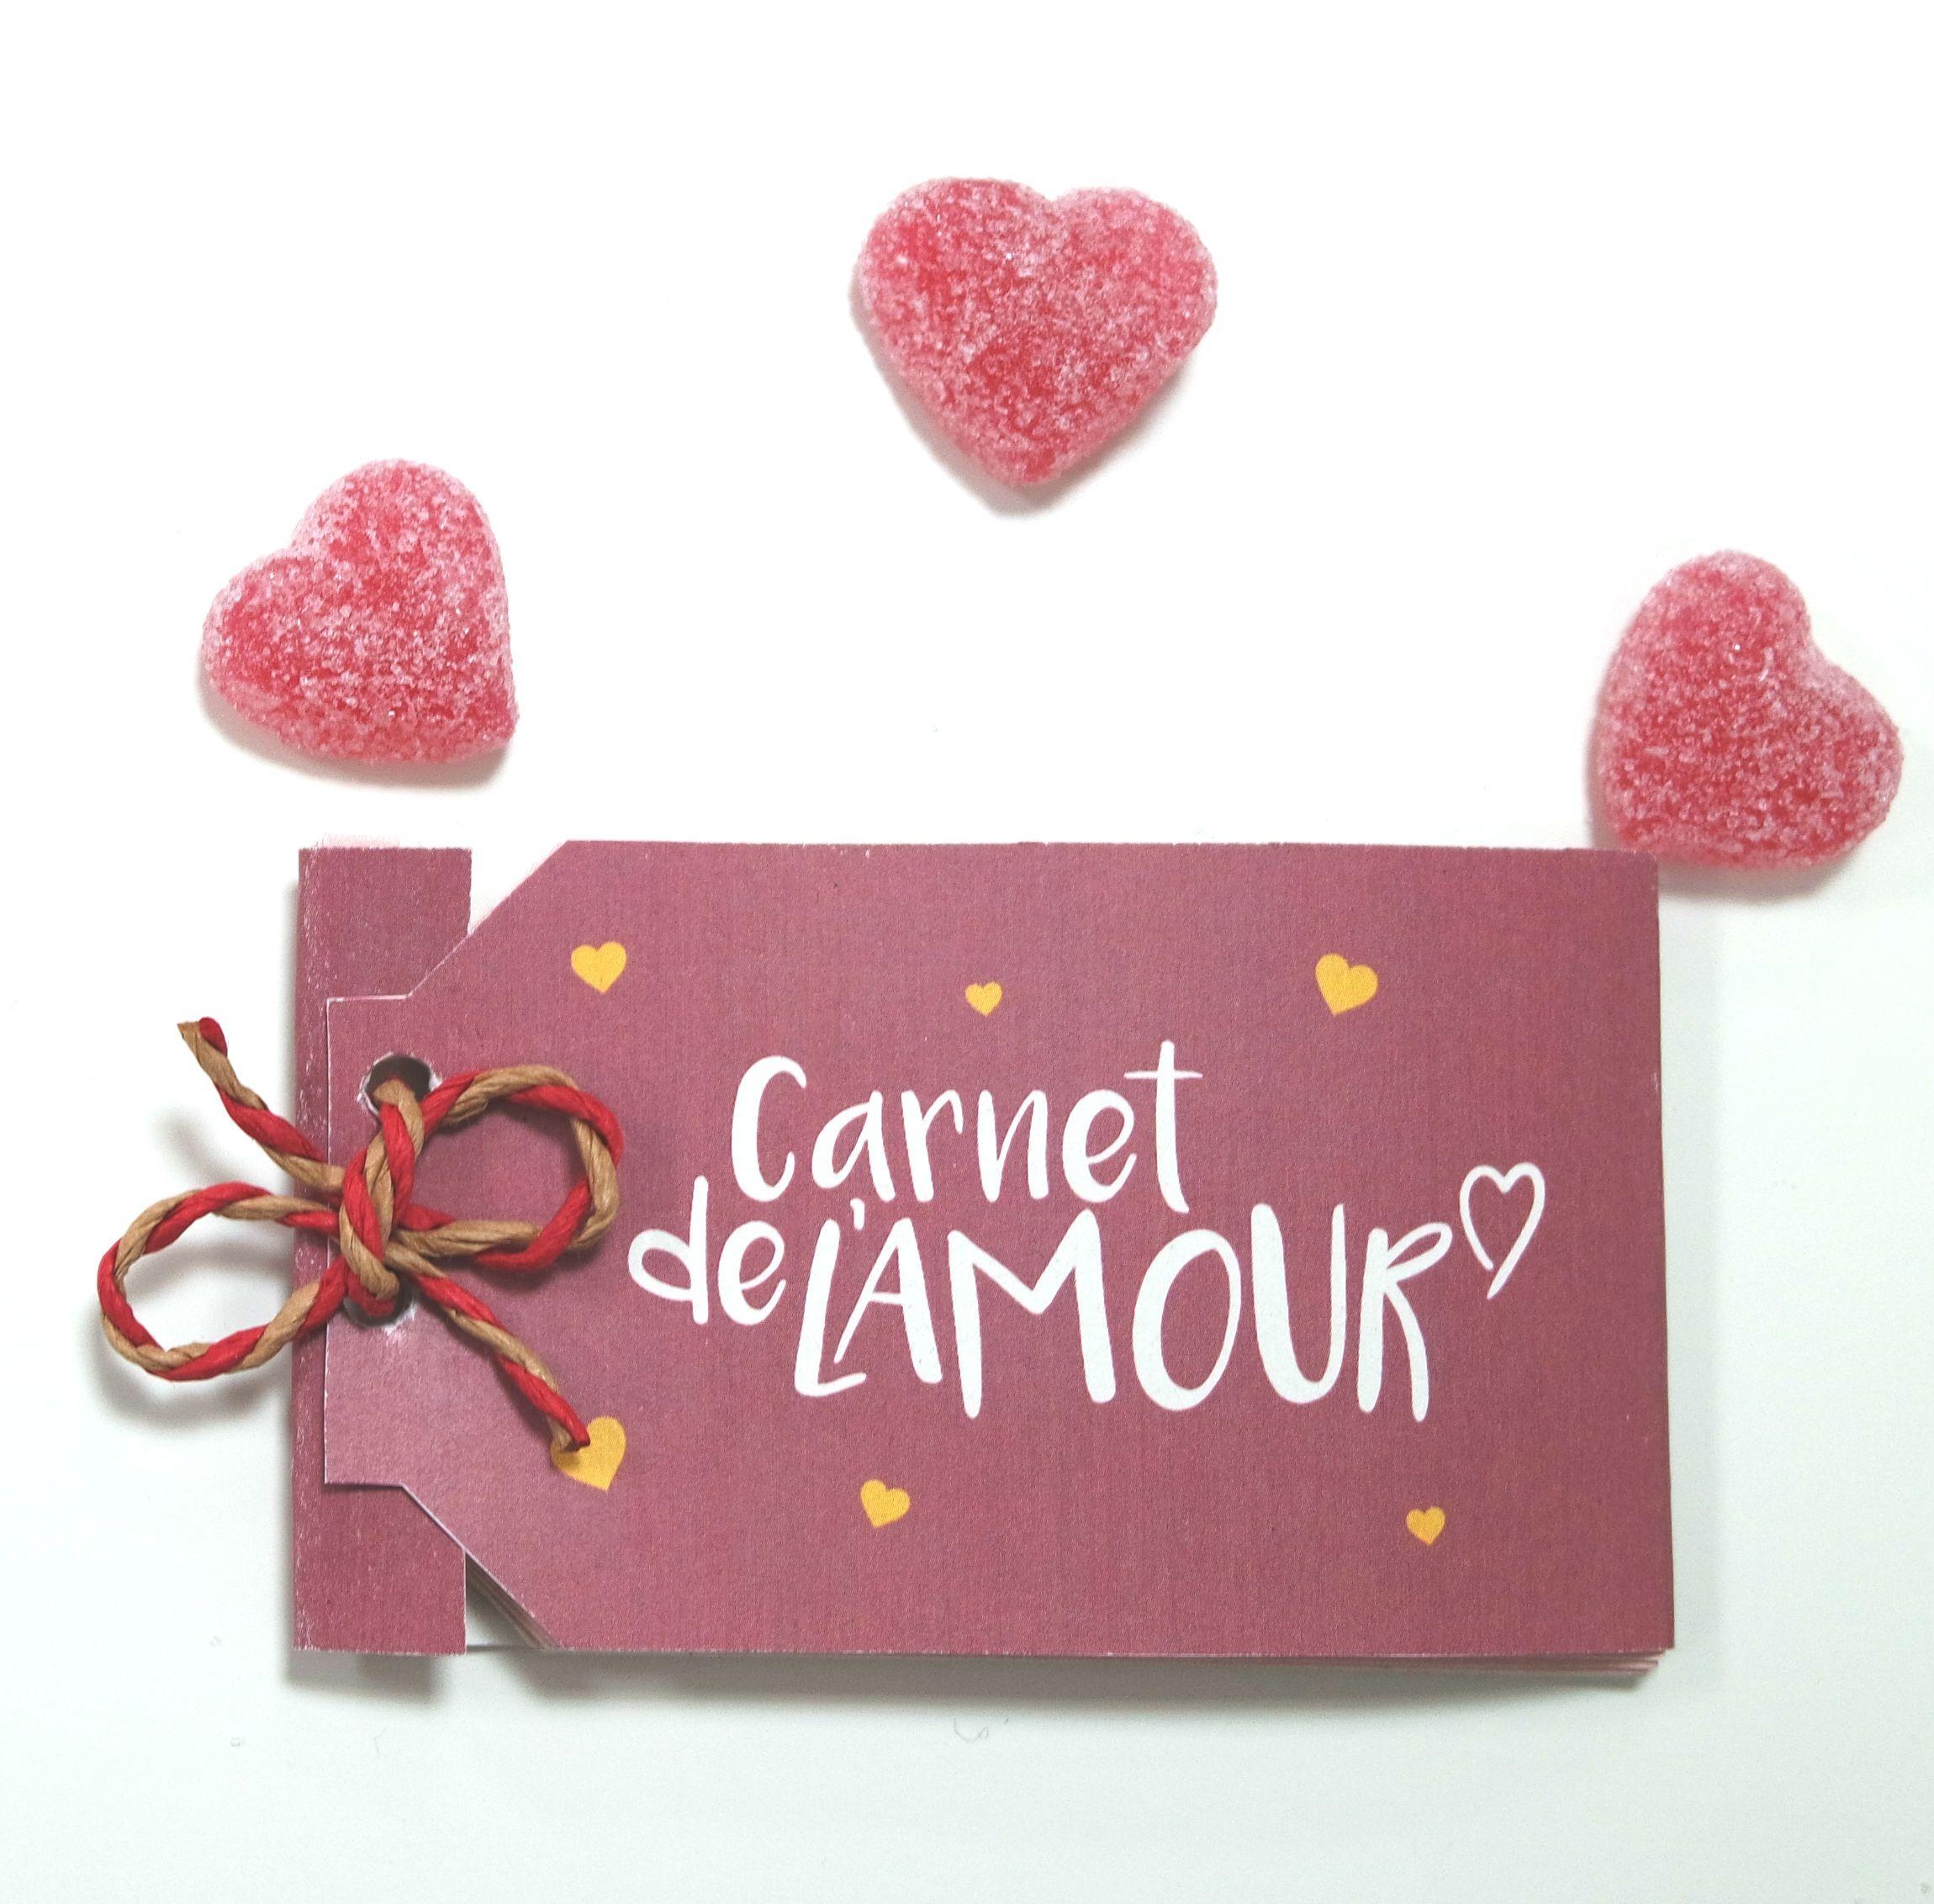 Idée De Cadeau Pour La Saint Valentin Idée cadeau Saint Valentin à faire soi même Vous voulez surprendre